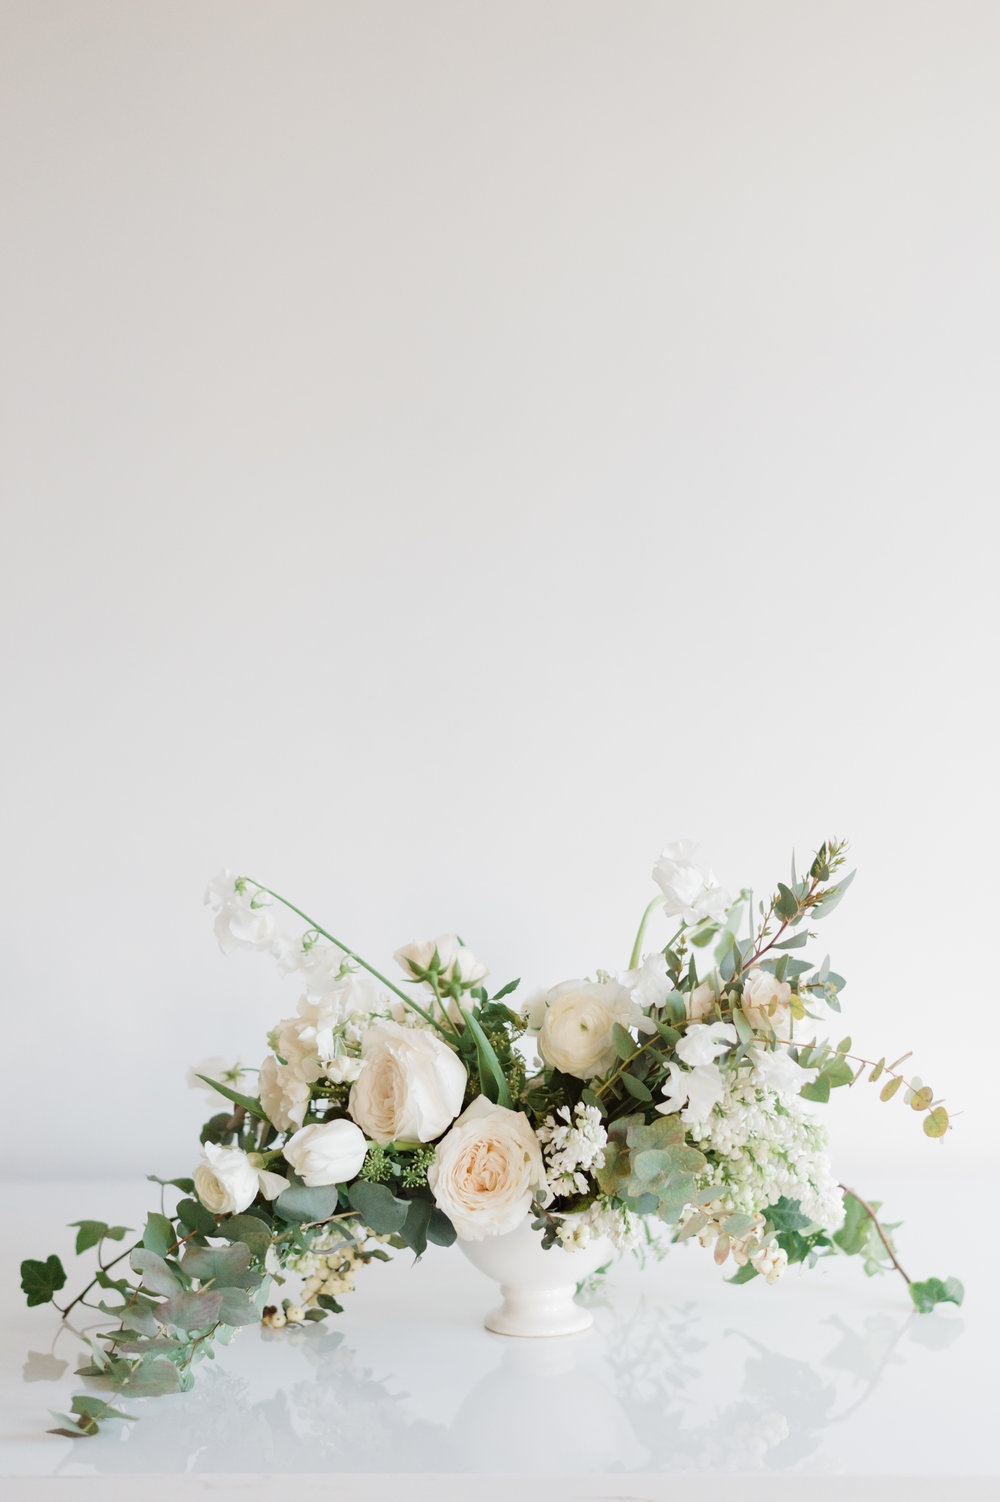 Kristen Honeycutt Photo Co.-186.jpg